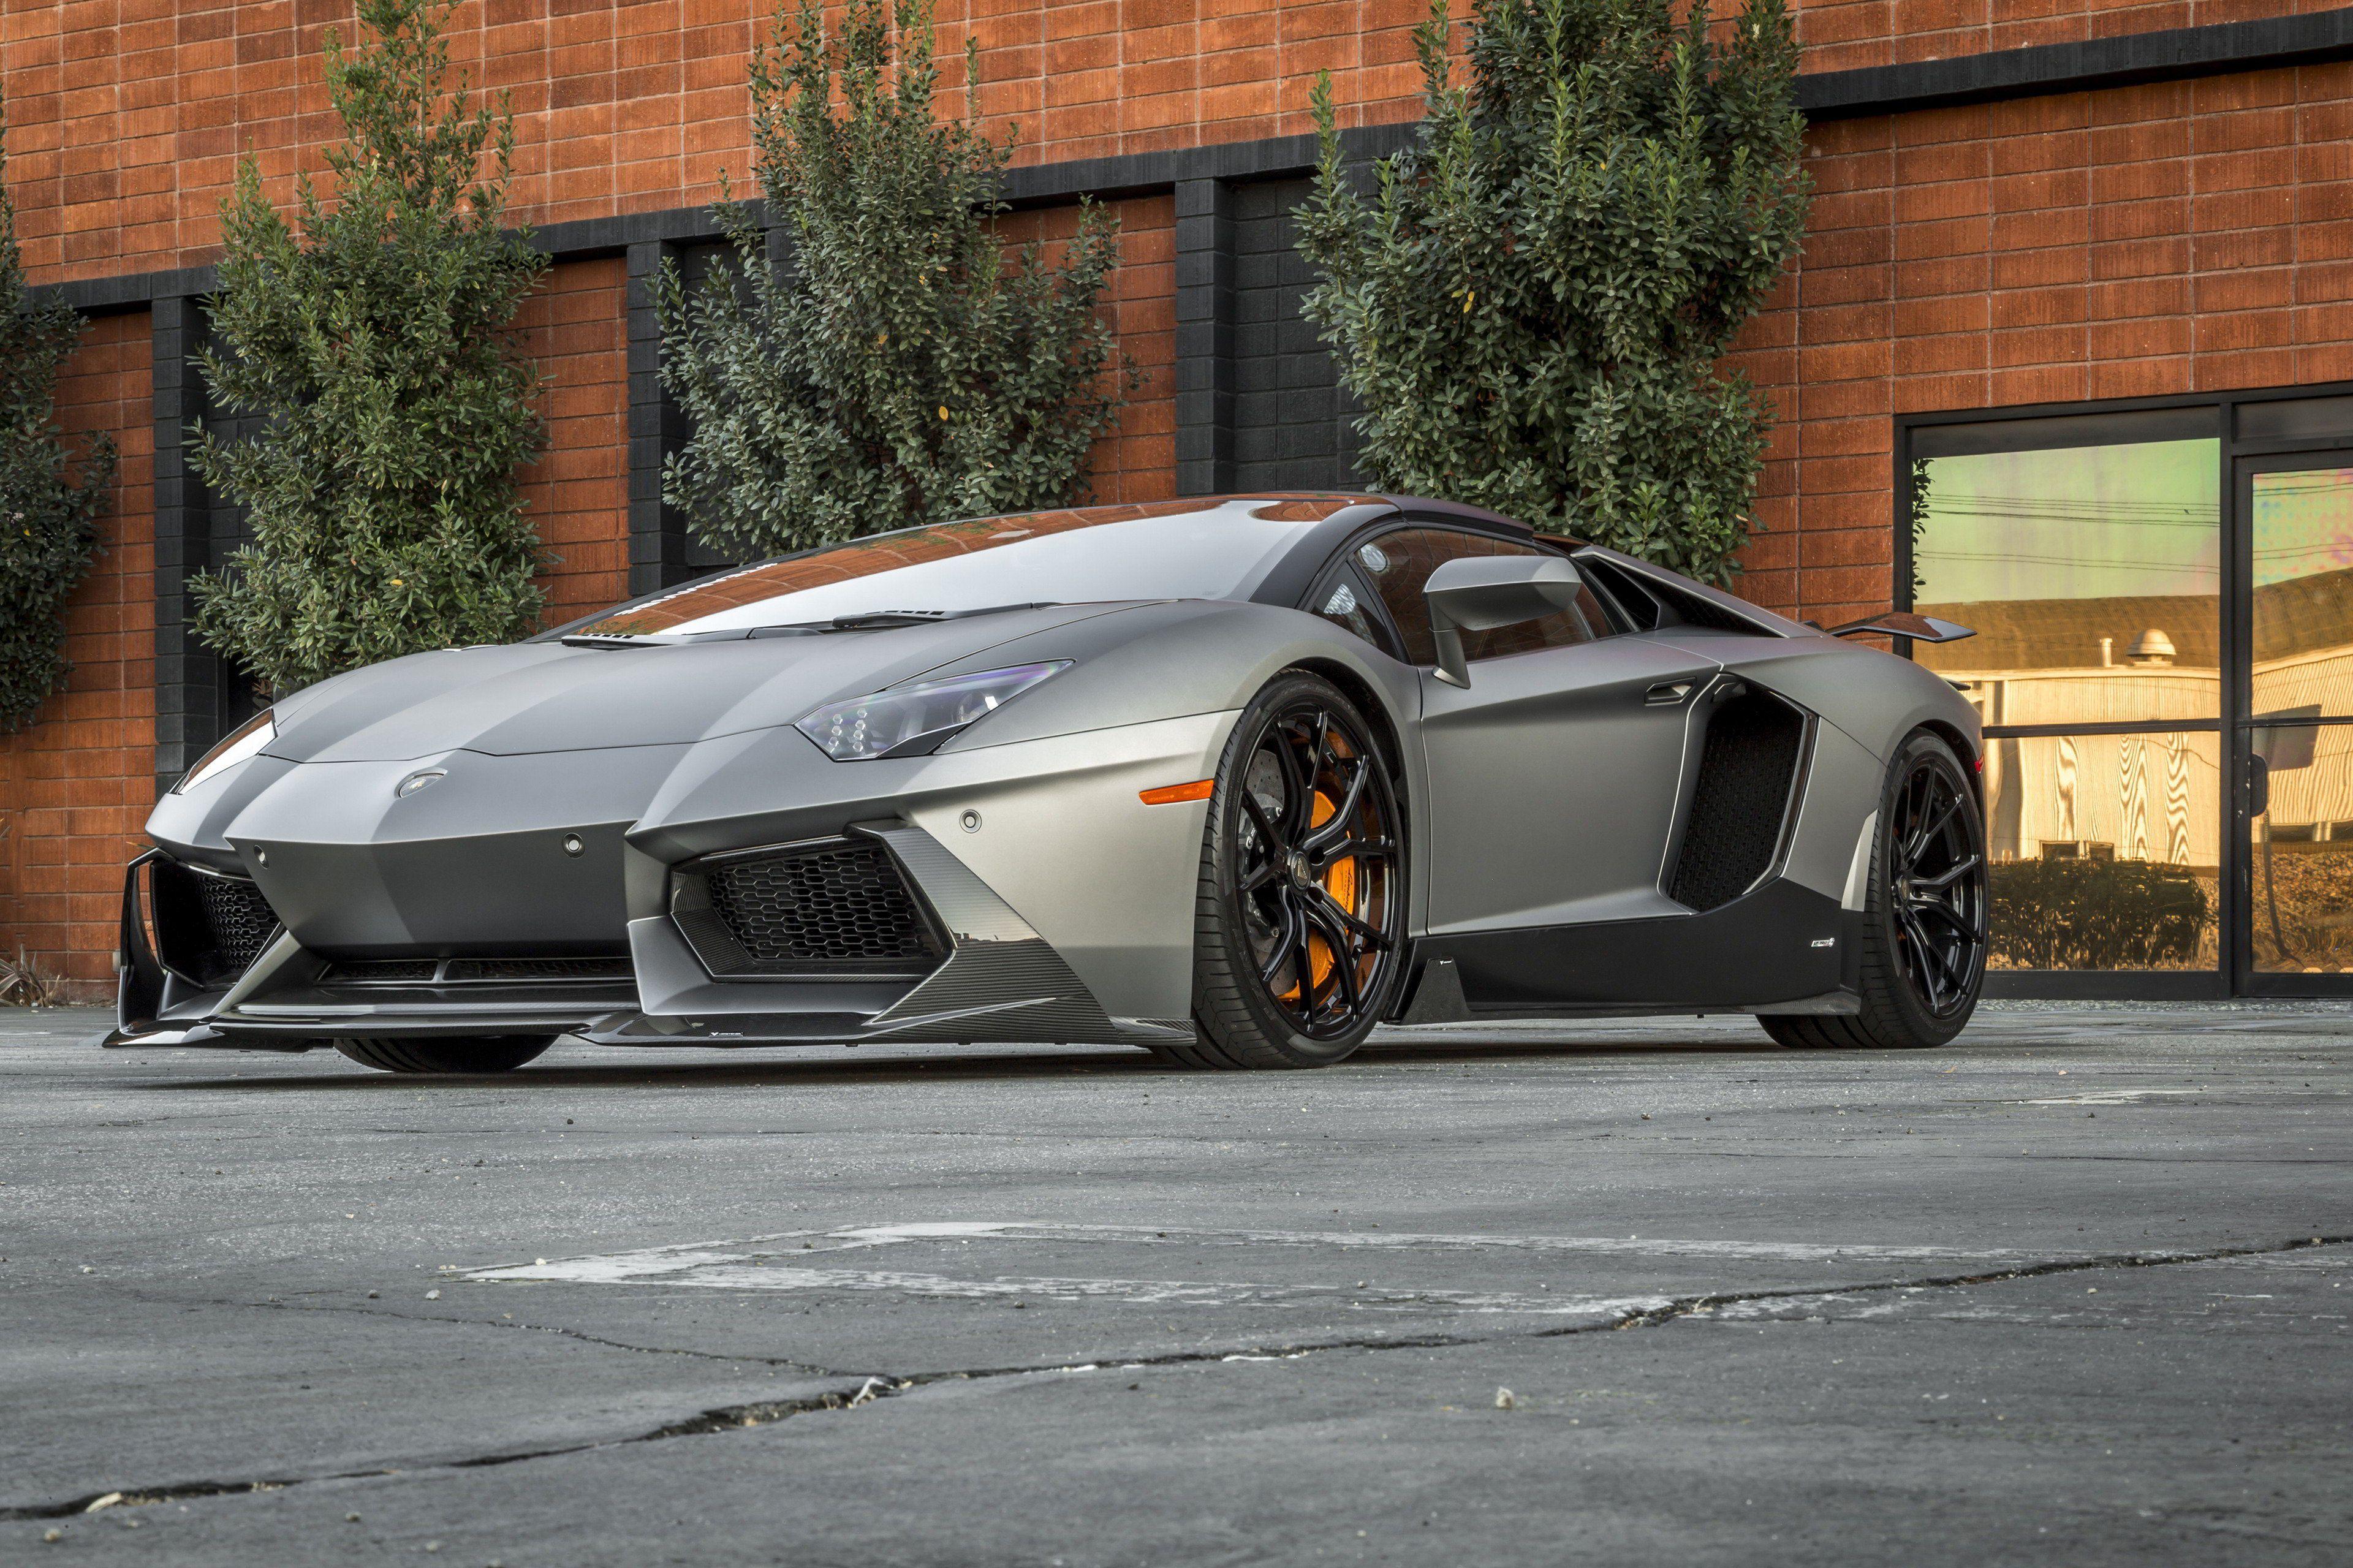 Hinh Nền Sieu Xe Lamborghini 4k đẹp Cực Chất Cho May Tinh